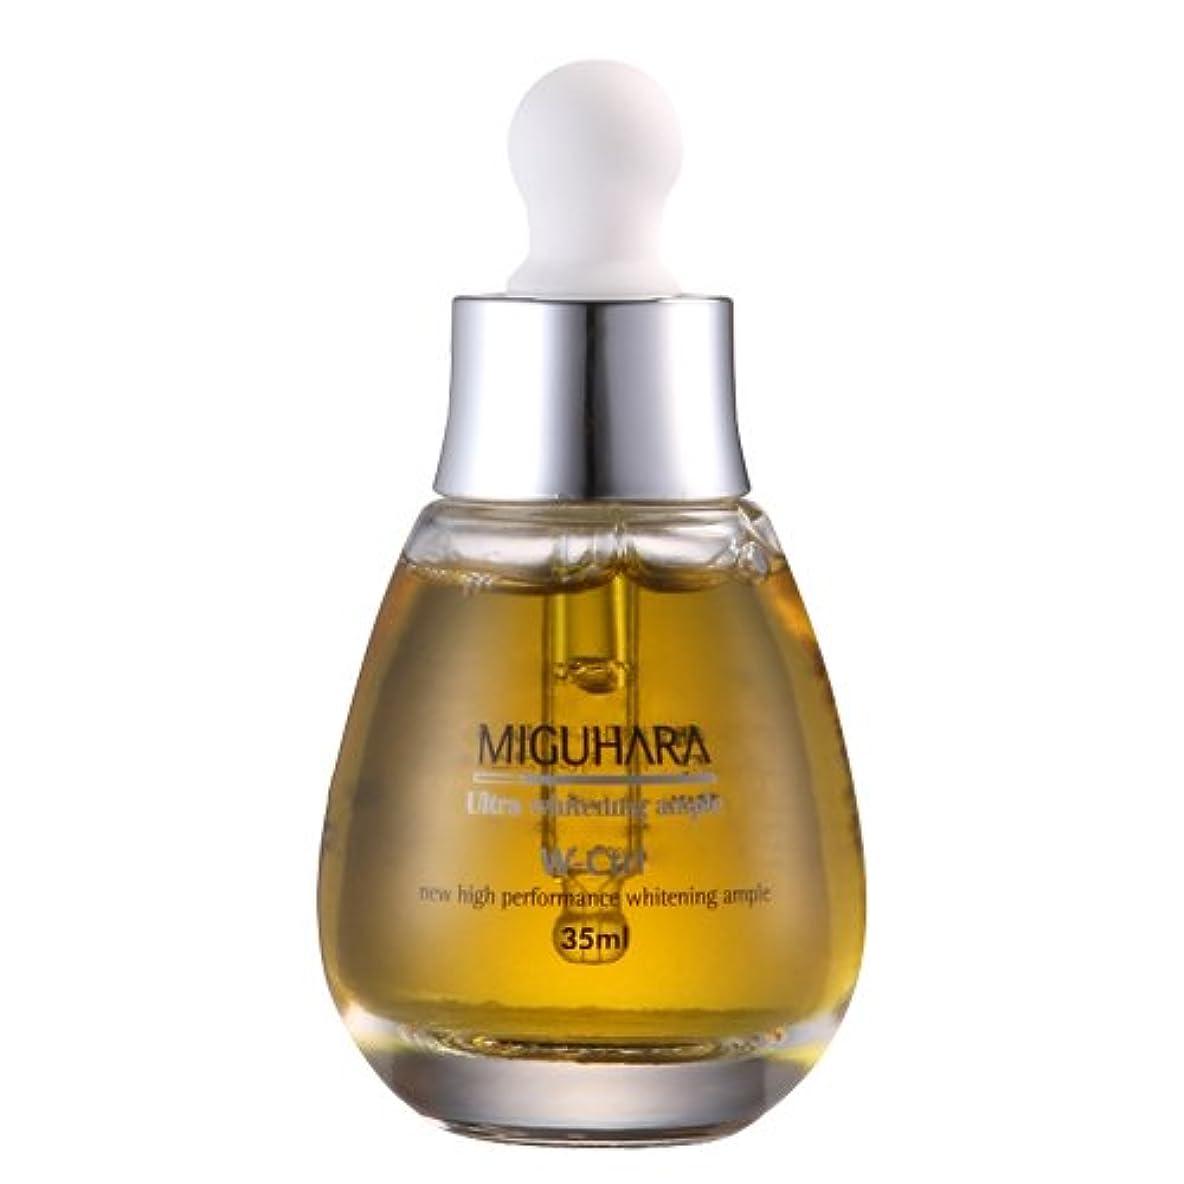 自信がある連想不機嫌そうな(韓国製)MIGUHARAウルトラホワイトニング豊満35ミリリットル自然化粧品Ultra Whitening Ample